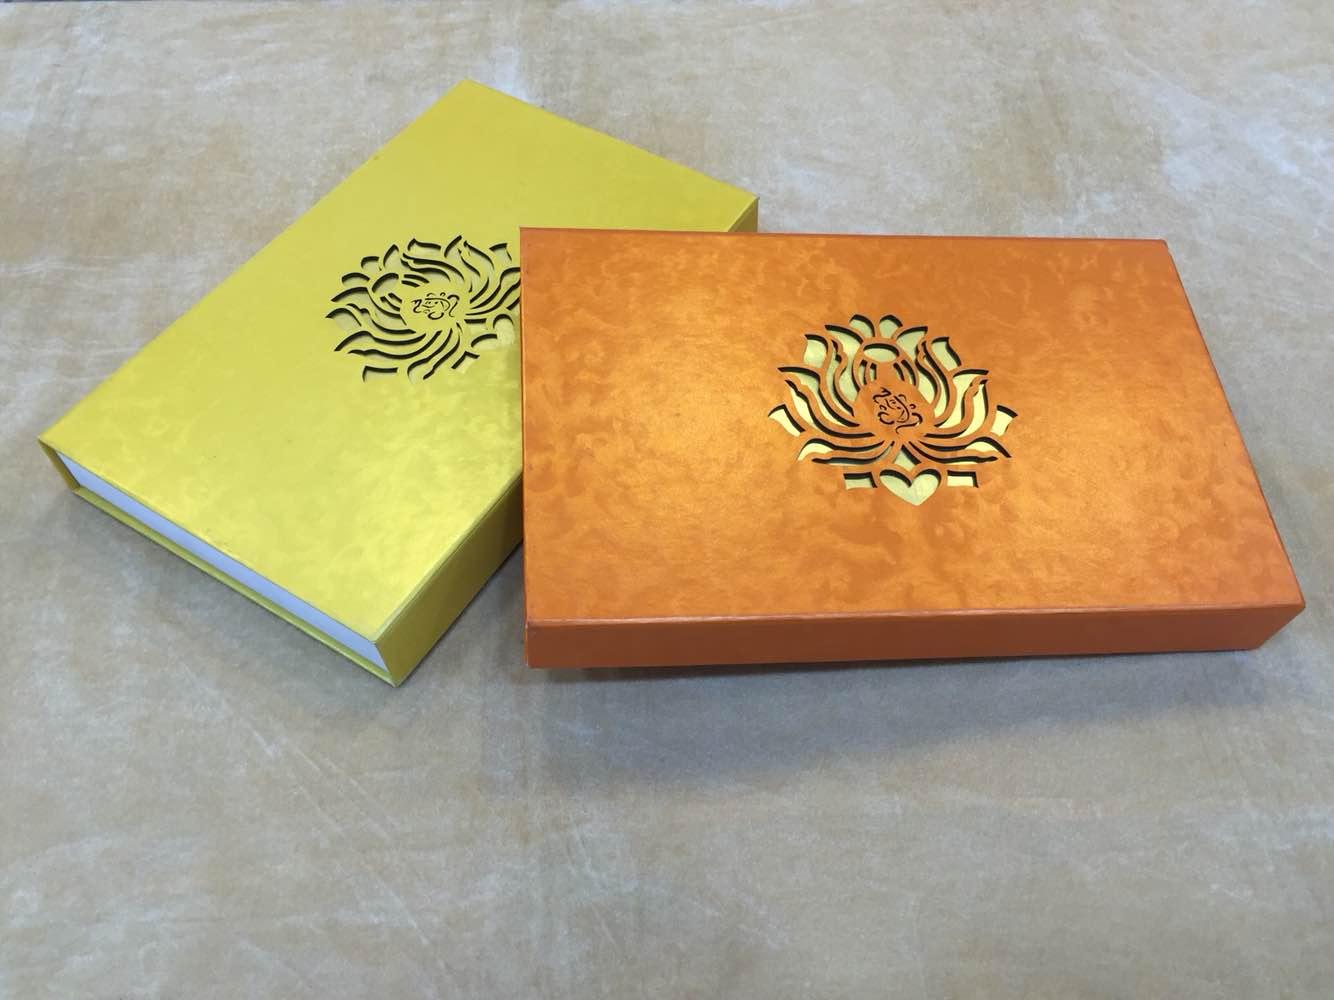 Premium Dry Fruit Box   We are leading manufacturer, supplier, wholesaler of Premium Dry Fruit Box in Delhi